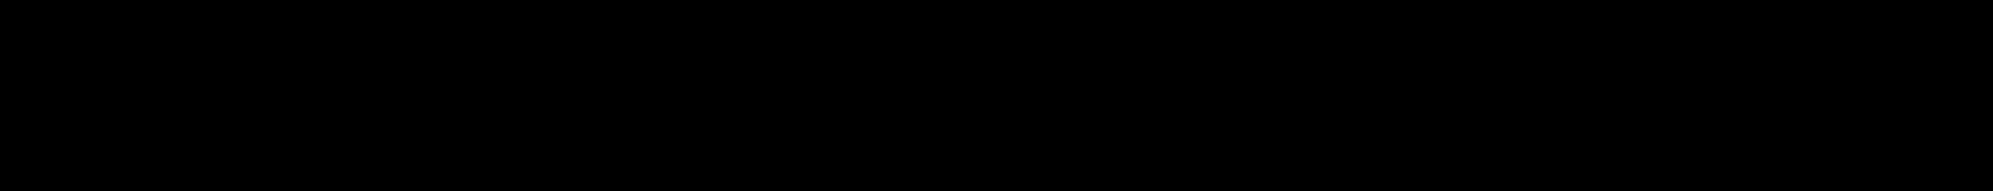 Design System G 700I